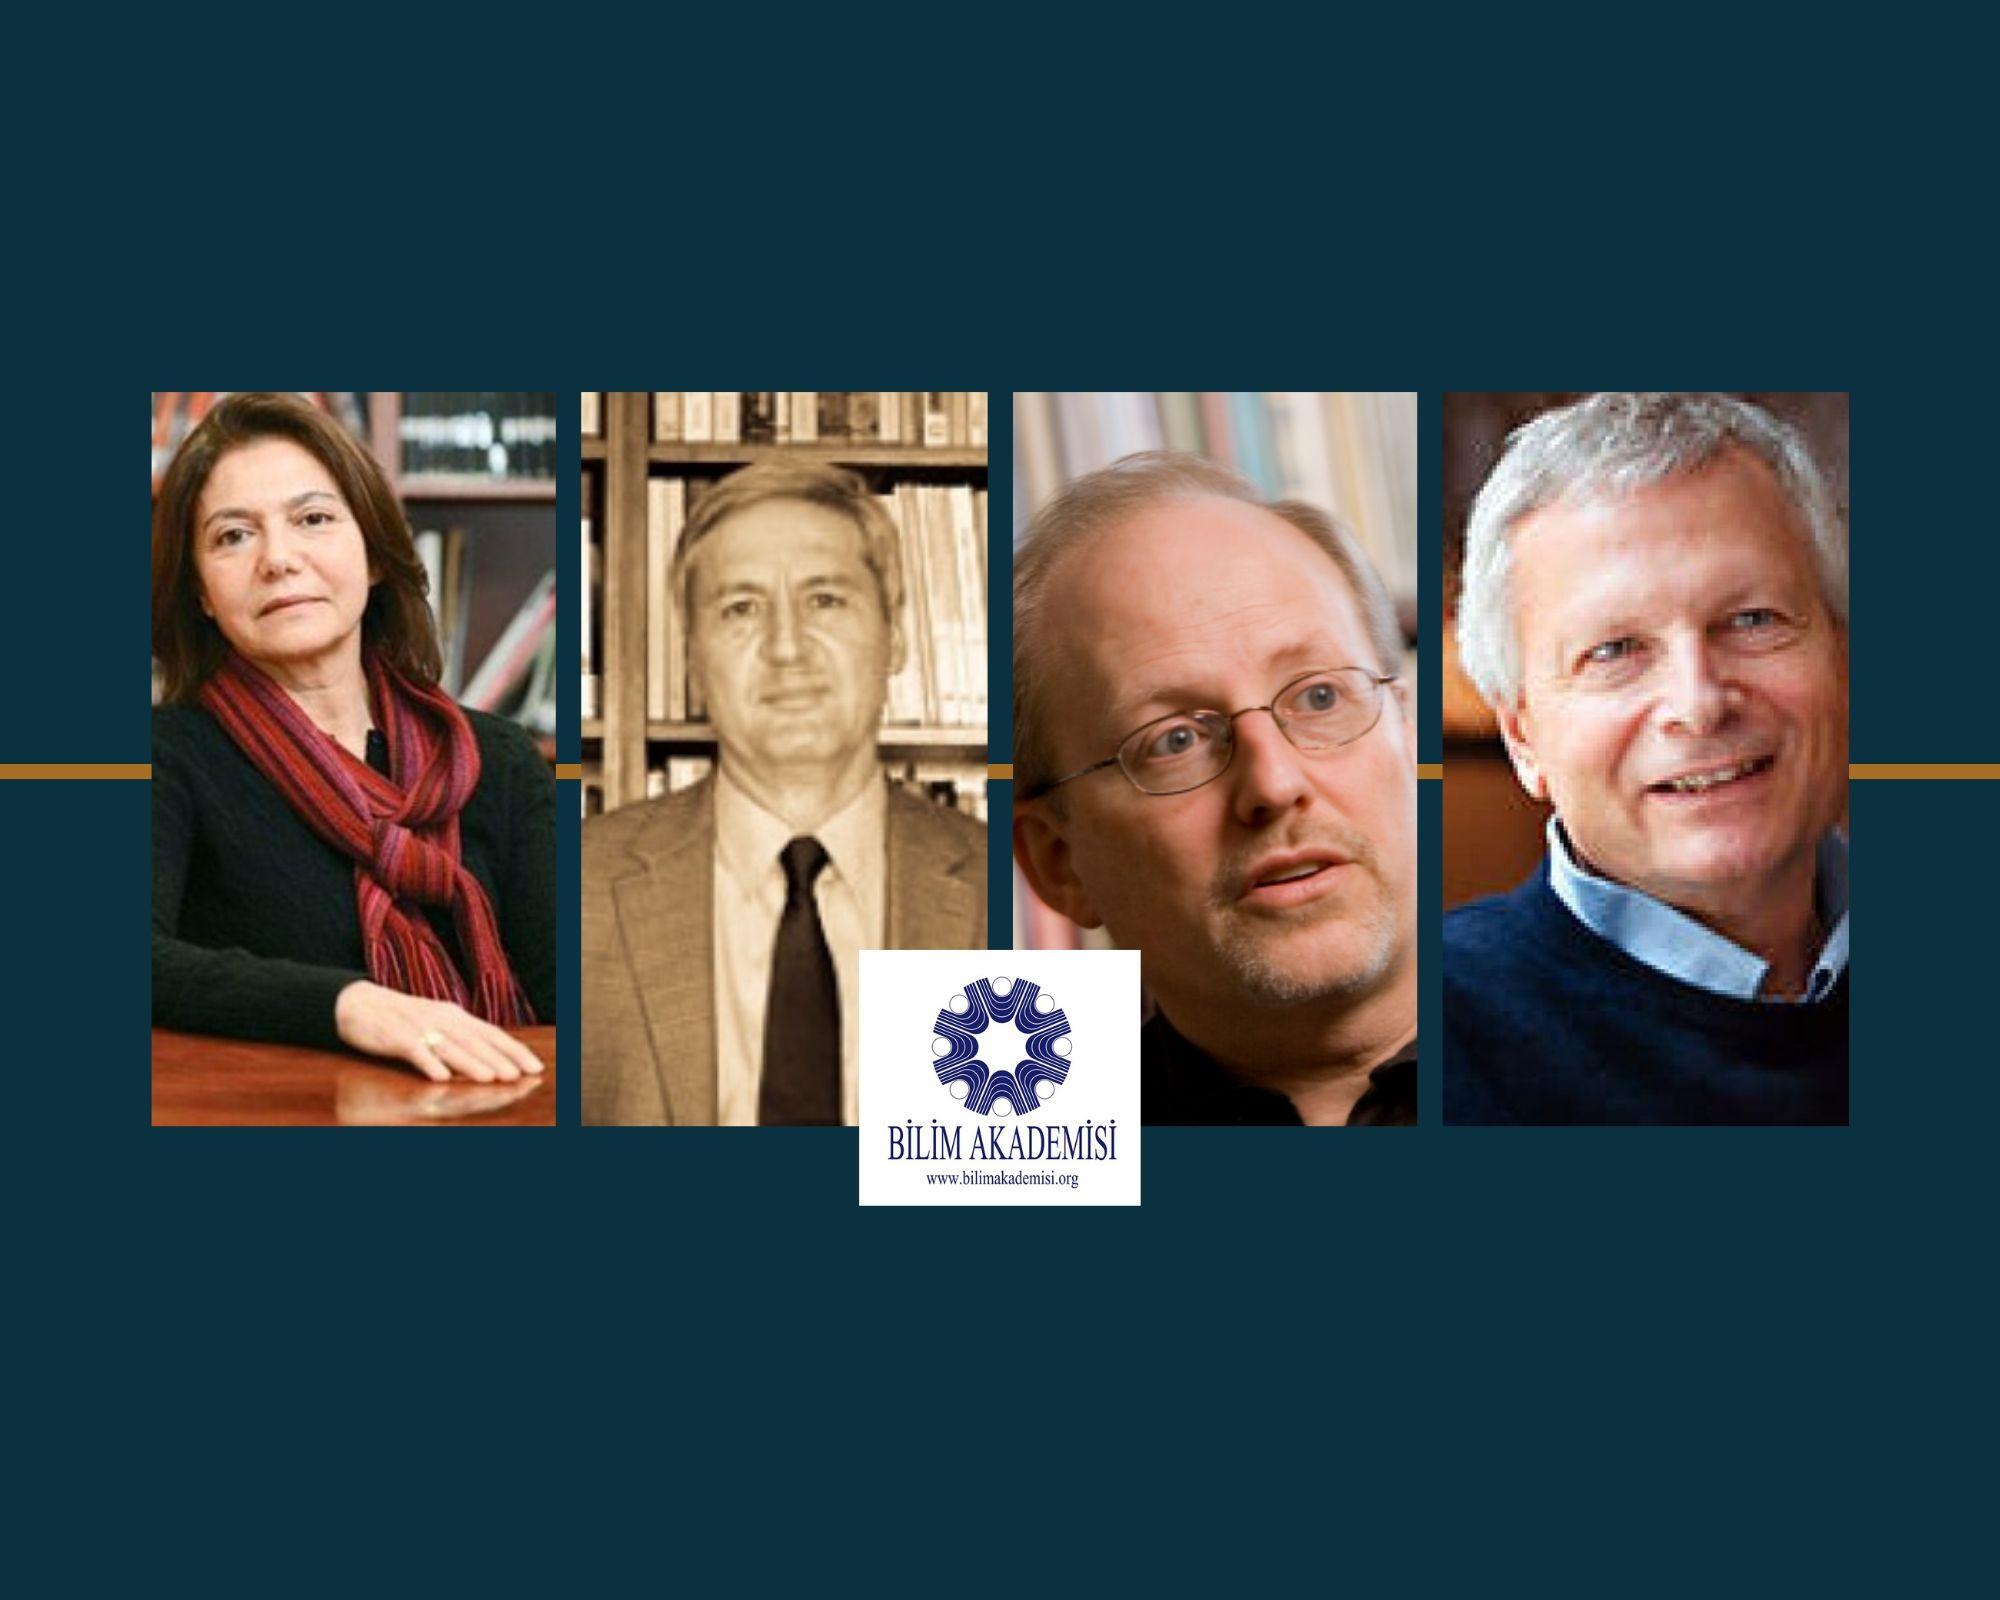 Bilim Akademisi'nin Çevrimiçi Semineri: Salgın Sonrası Küreselleşme ve Gelişen Ülkeler